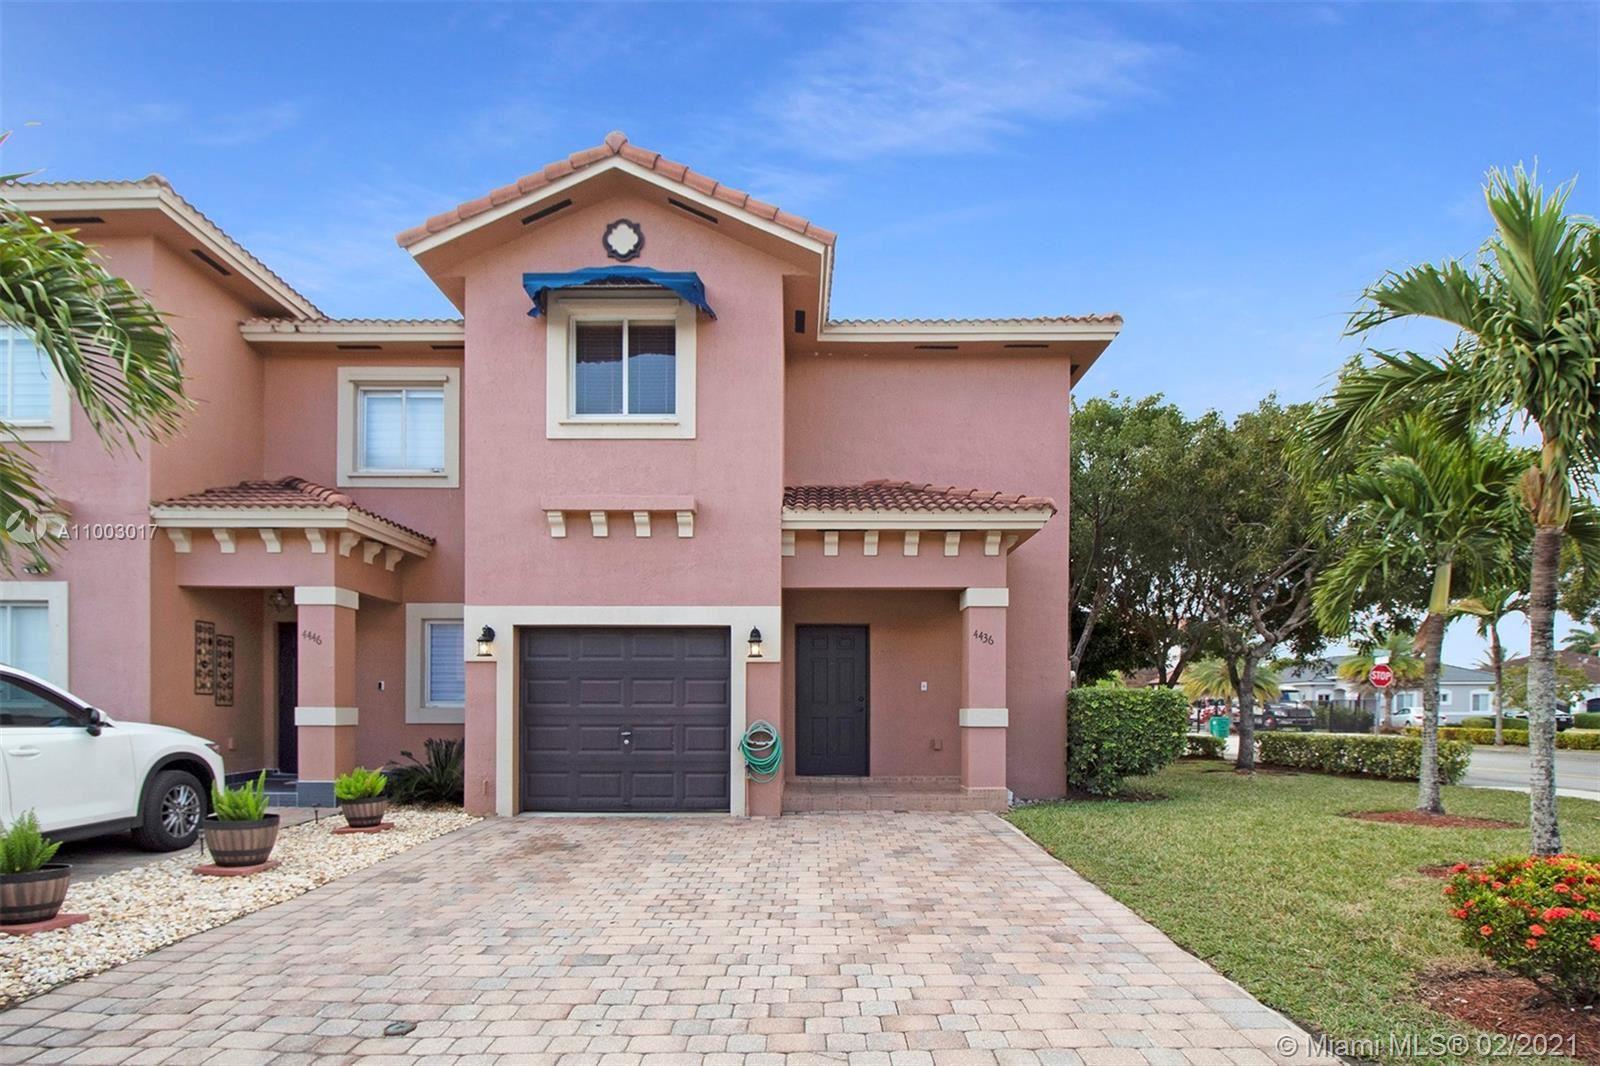 4436 SW 163rd Psge, Miami, FL 33185 - #: A11003017